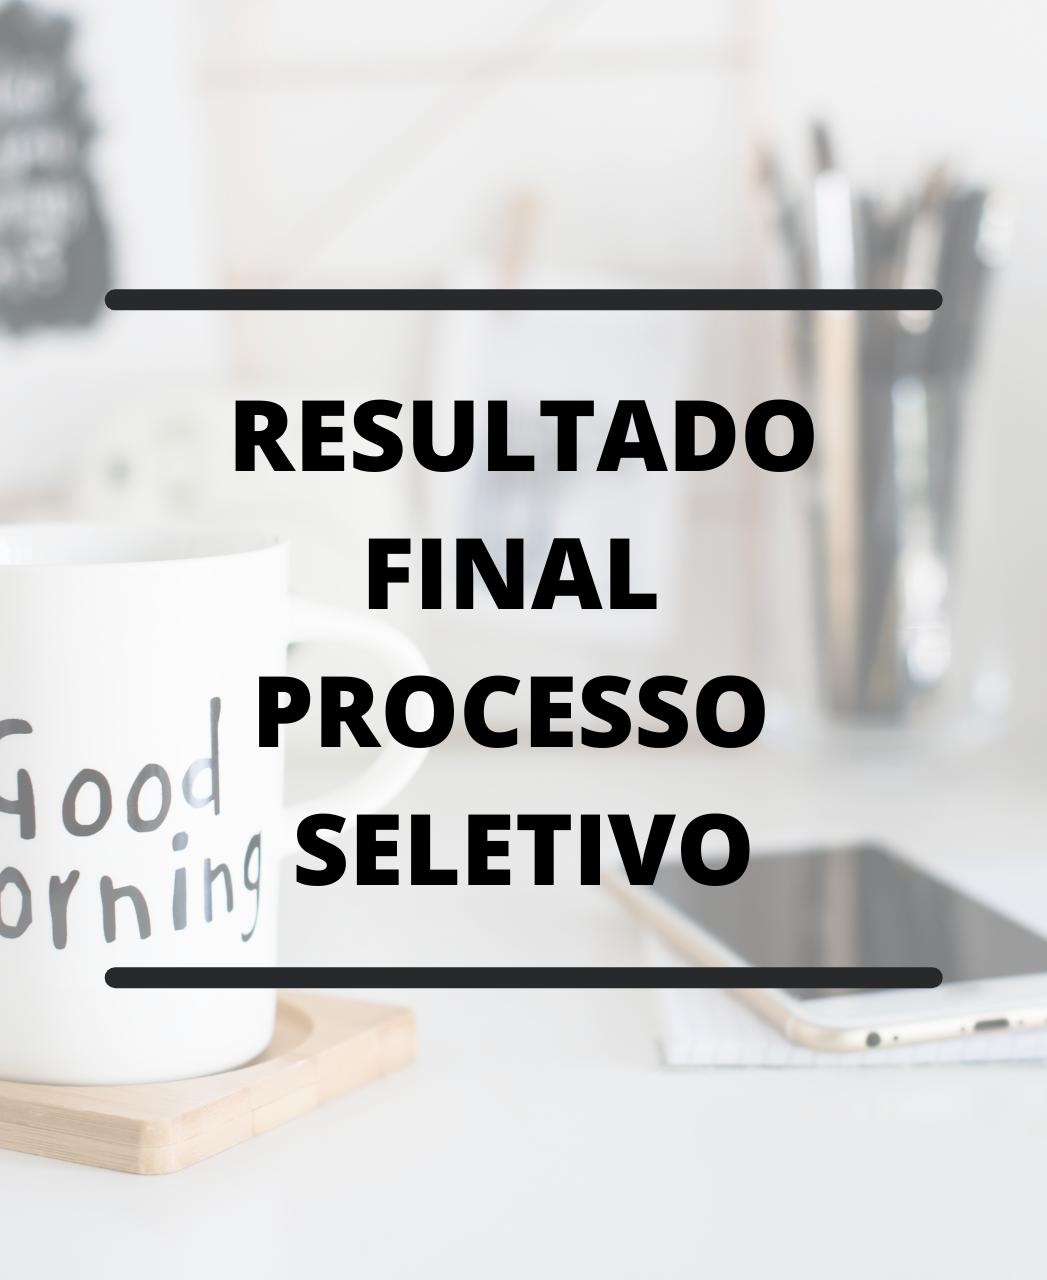 RESULTADO FINAL DO PROCESSO SELETIVO